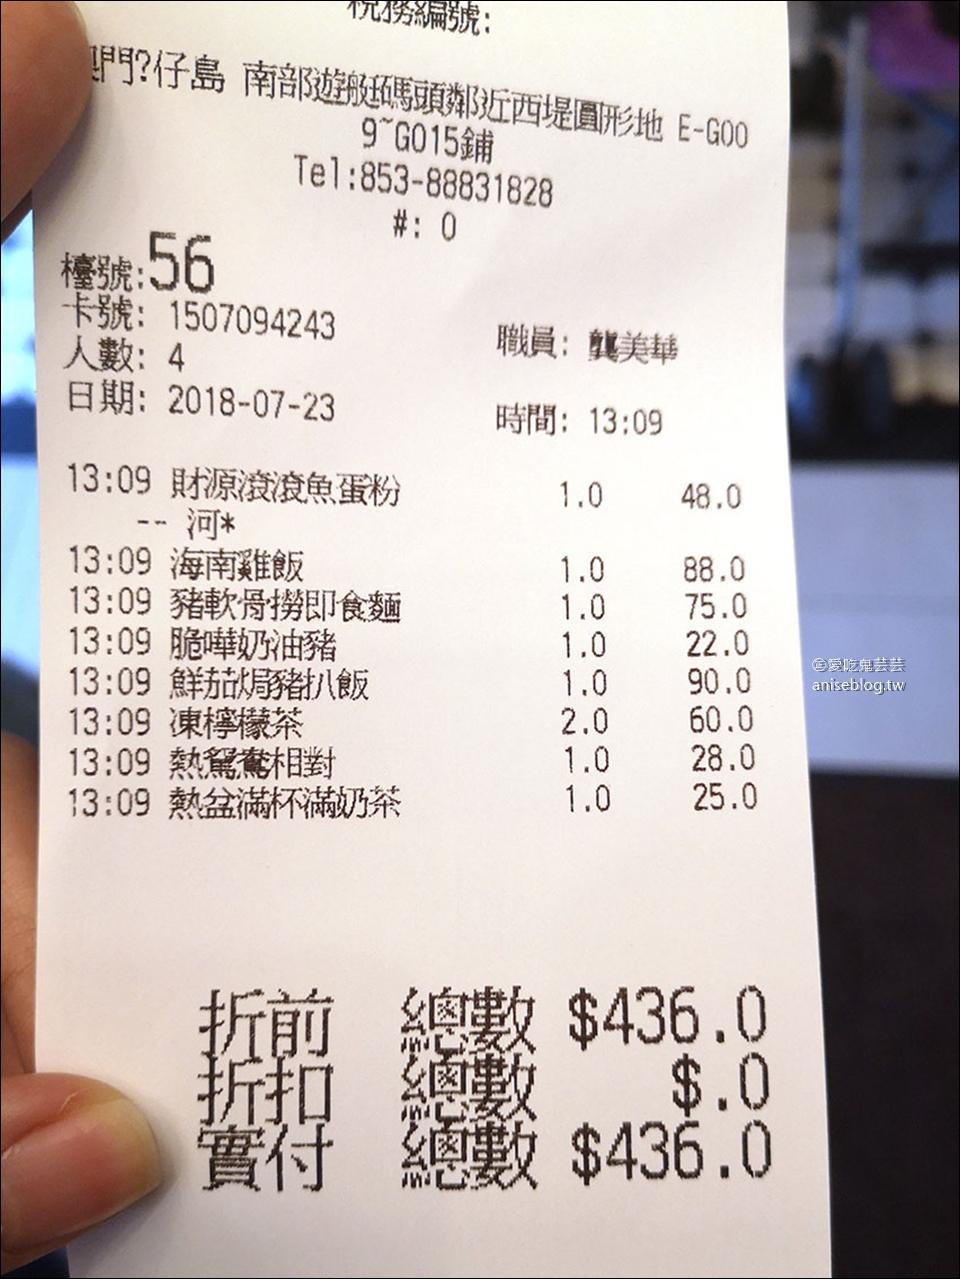 翠華餐廳 @澳門百老匯,來自香港的美味茶餐廳